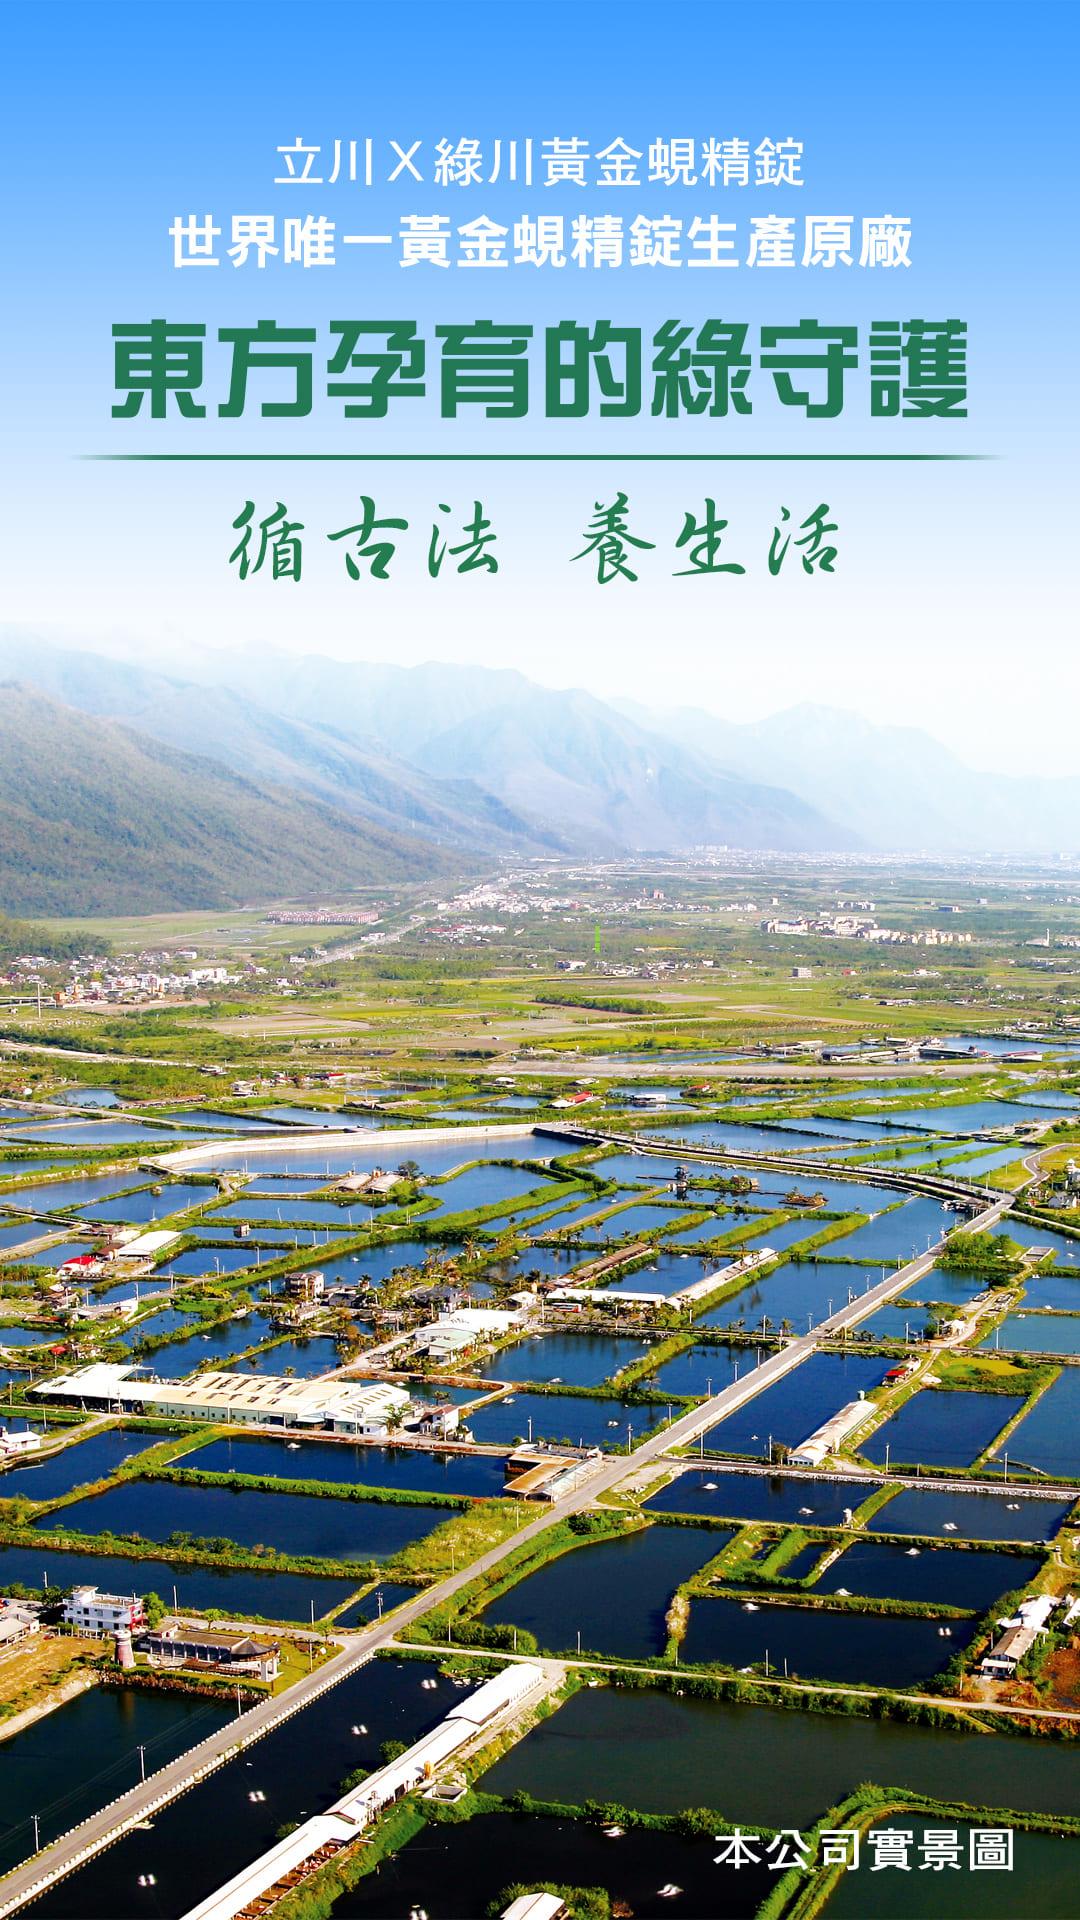 1.東方孕育的綠守護、循古法、養生活